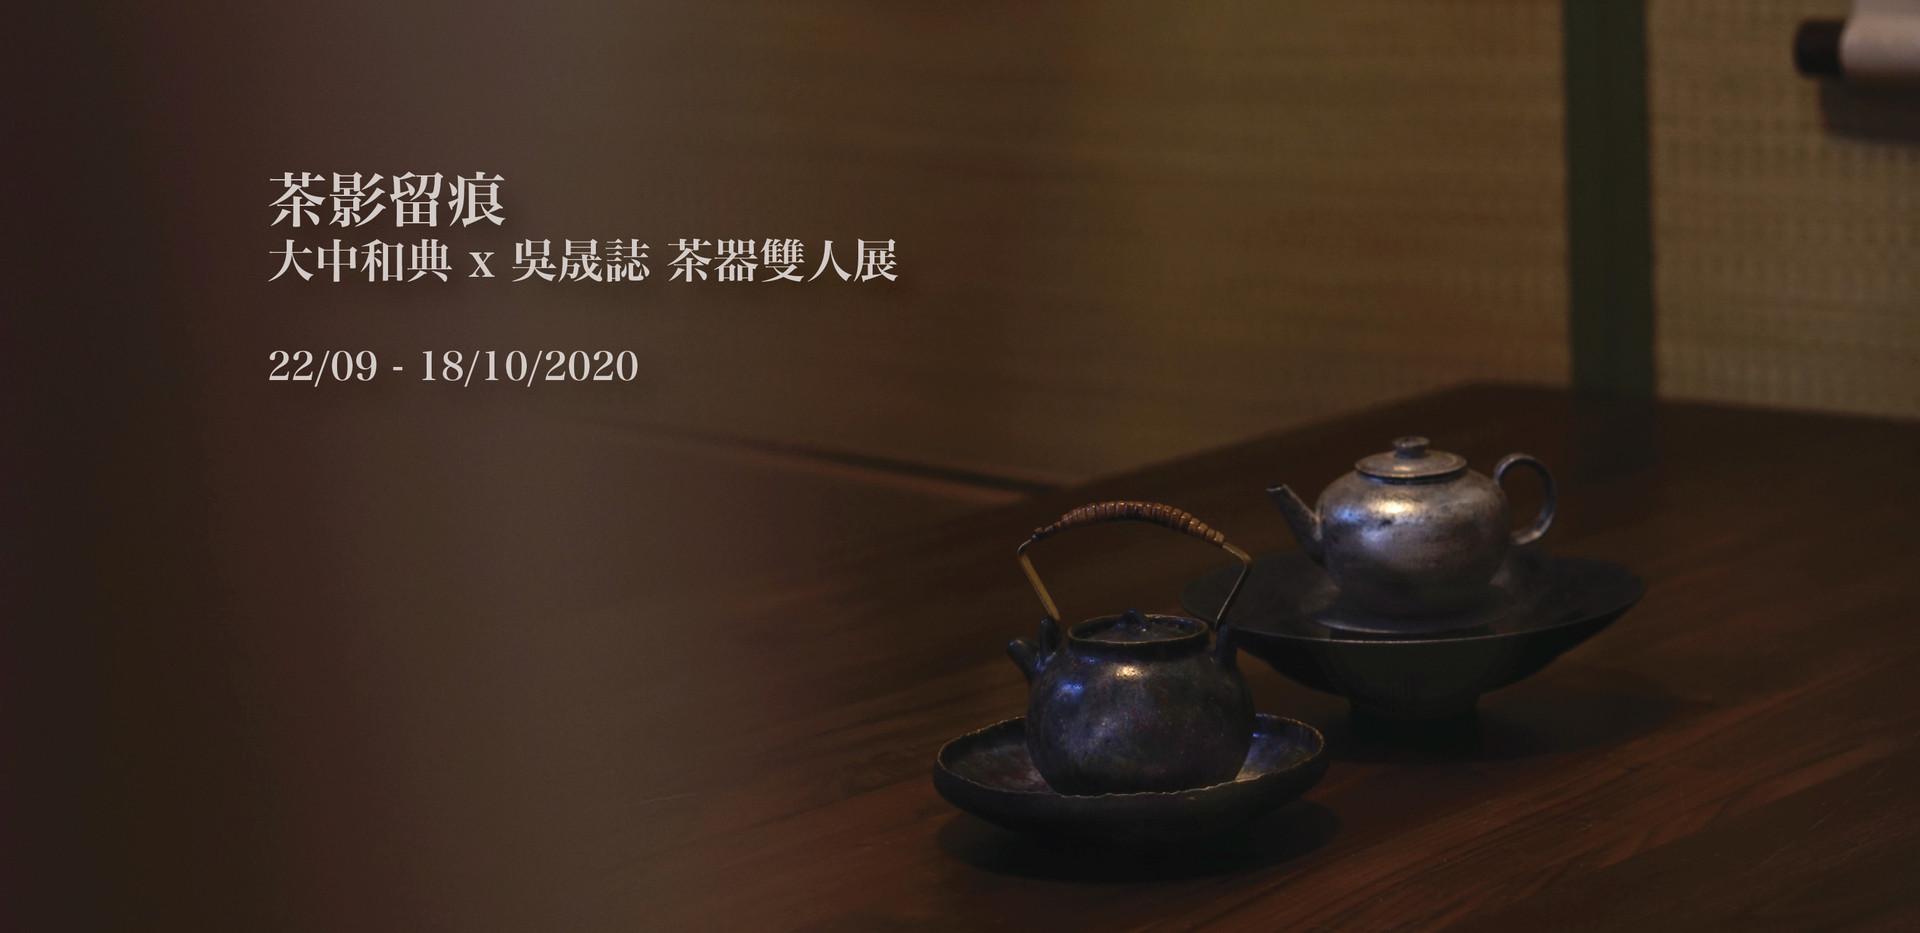 茶影留痕 大中和典、吳晟誌茶器雙人展Final-02.jpg